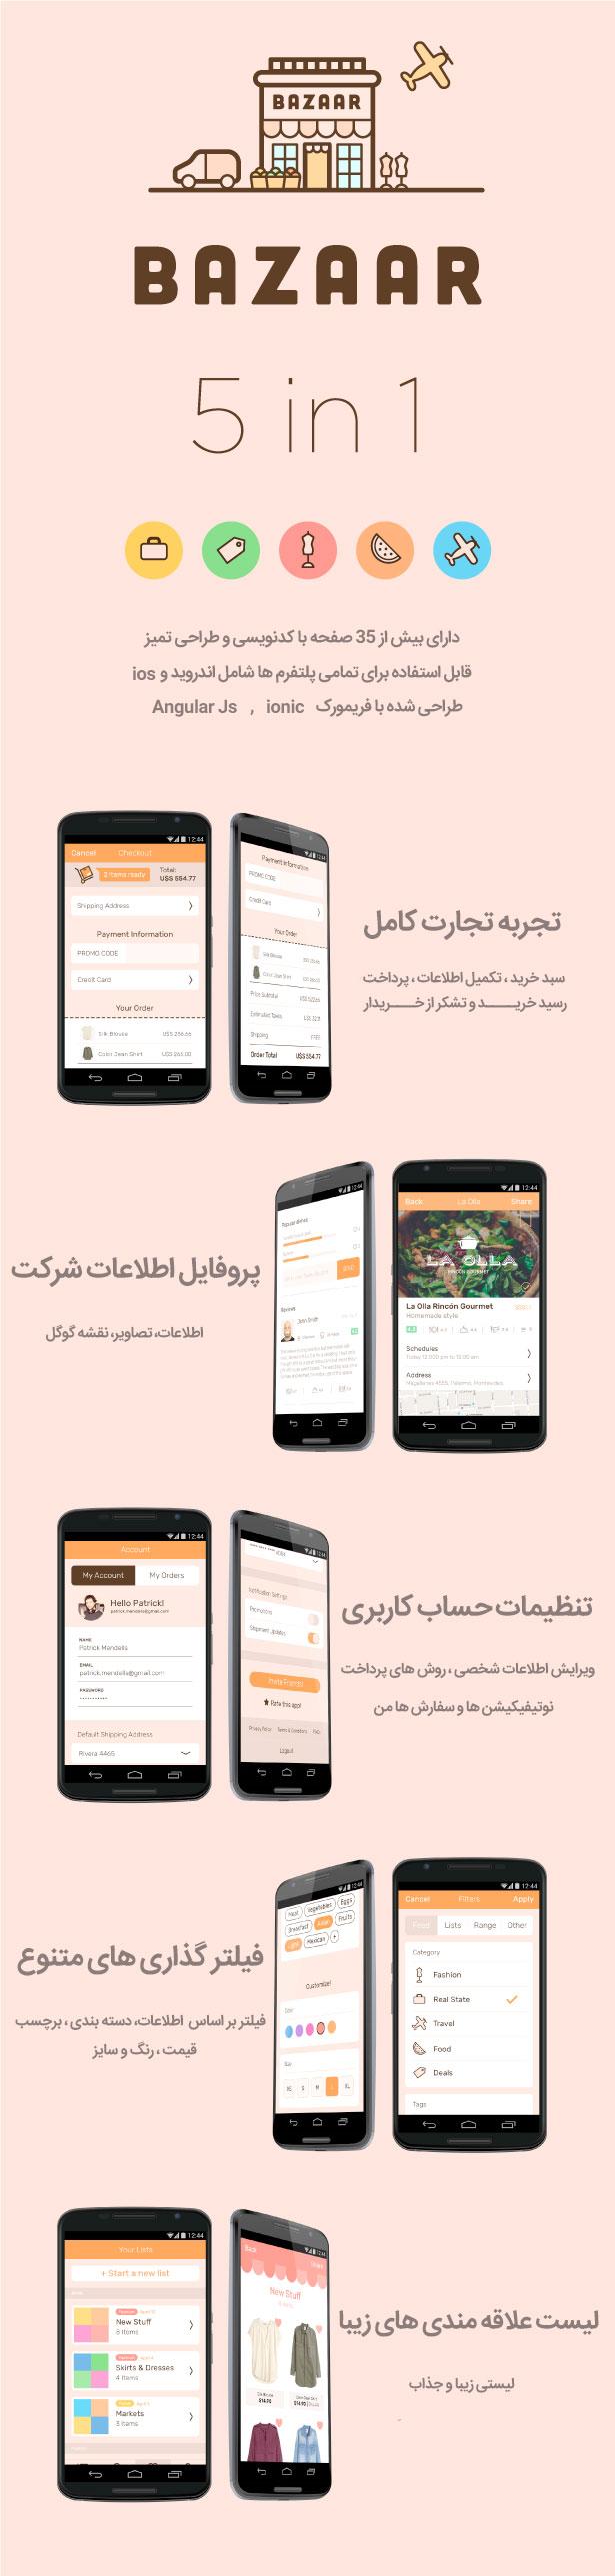 سورس اپلیکیشن فروشگاه آنلاین ووکامرس اندروید